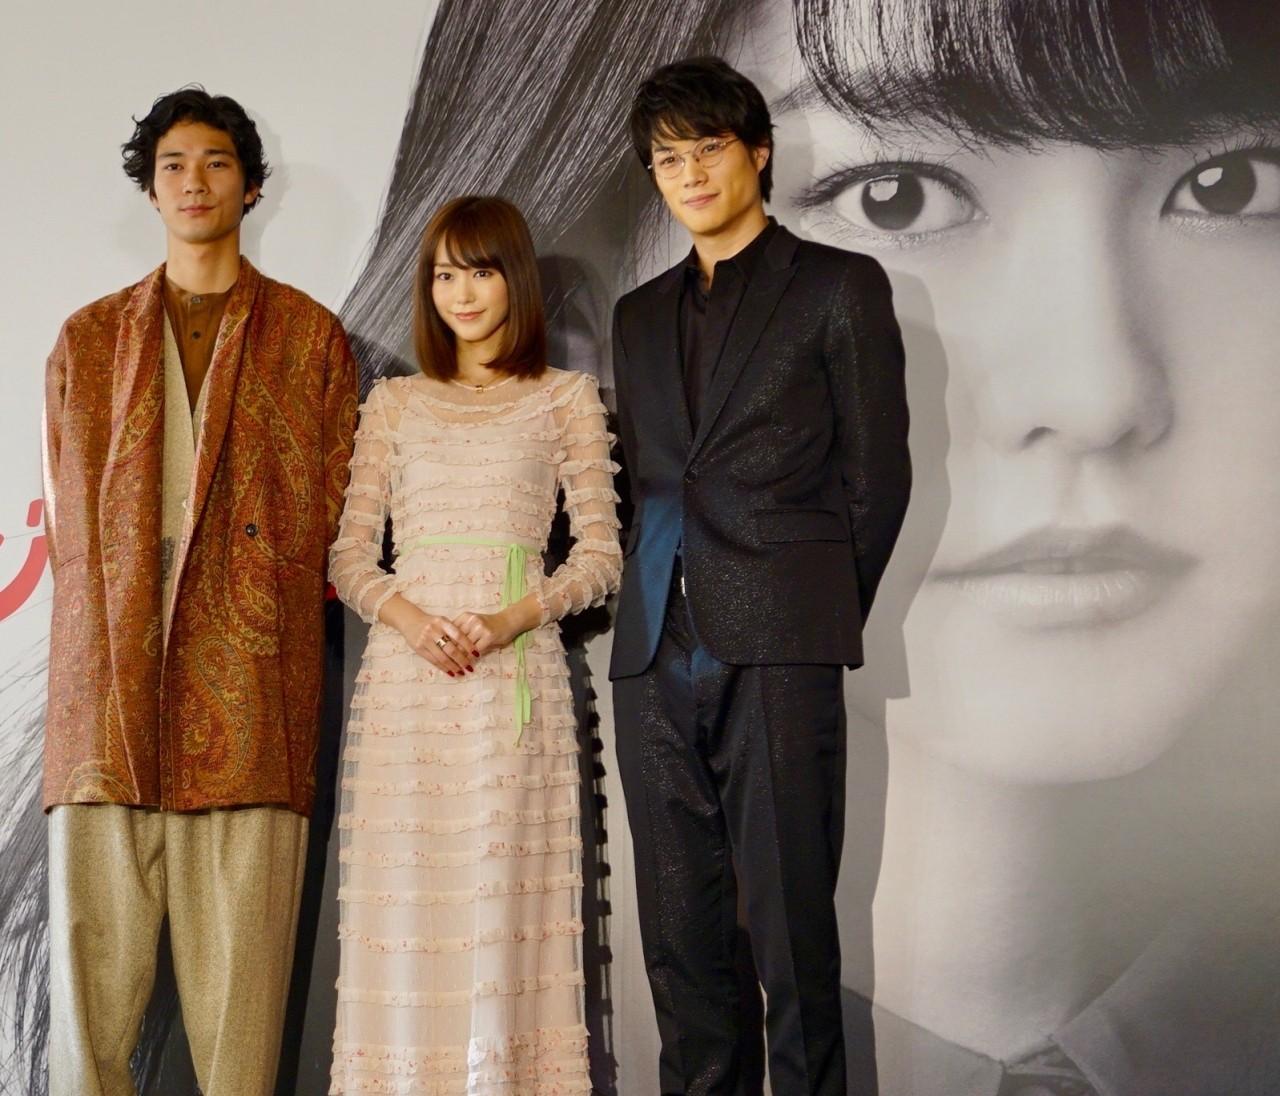 ブルガリとイケメンに愛される桐谷美玲が可愛すぎた話【映画「リベンジgirl」】